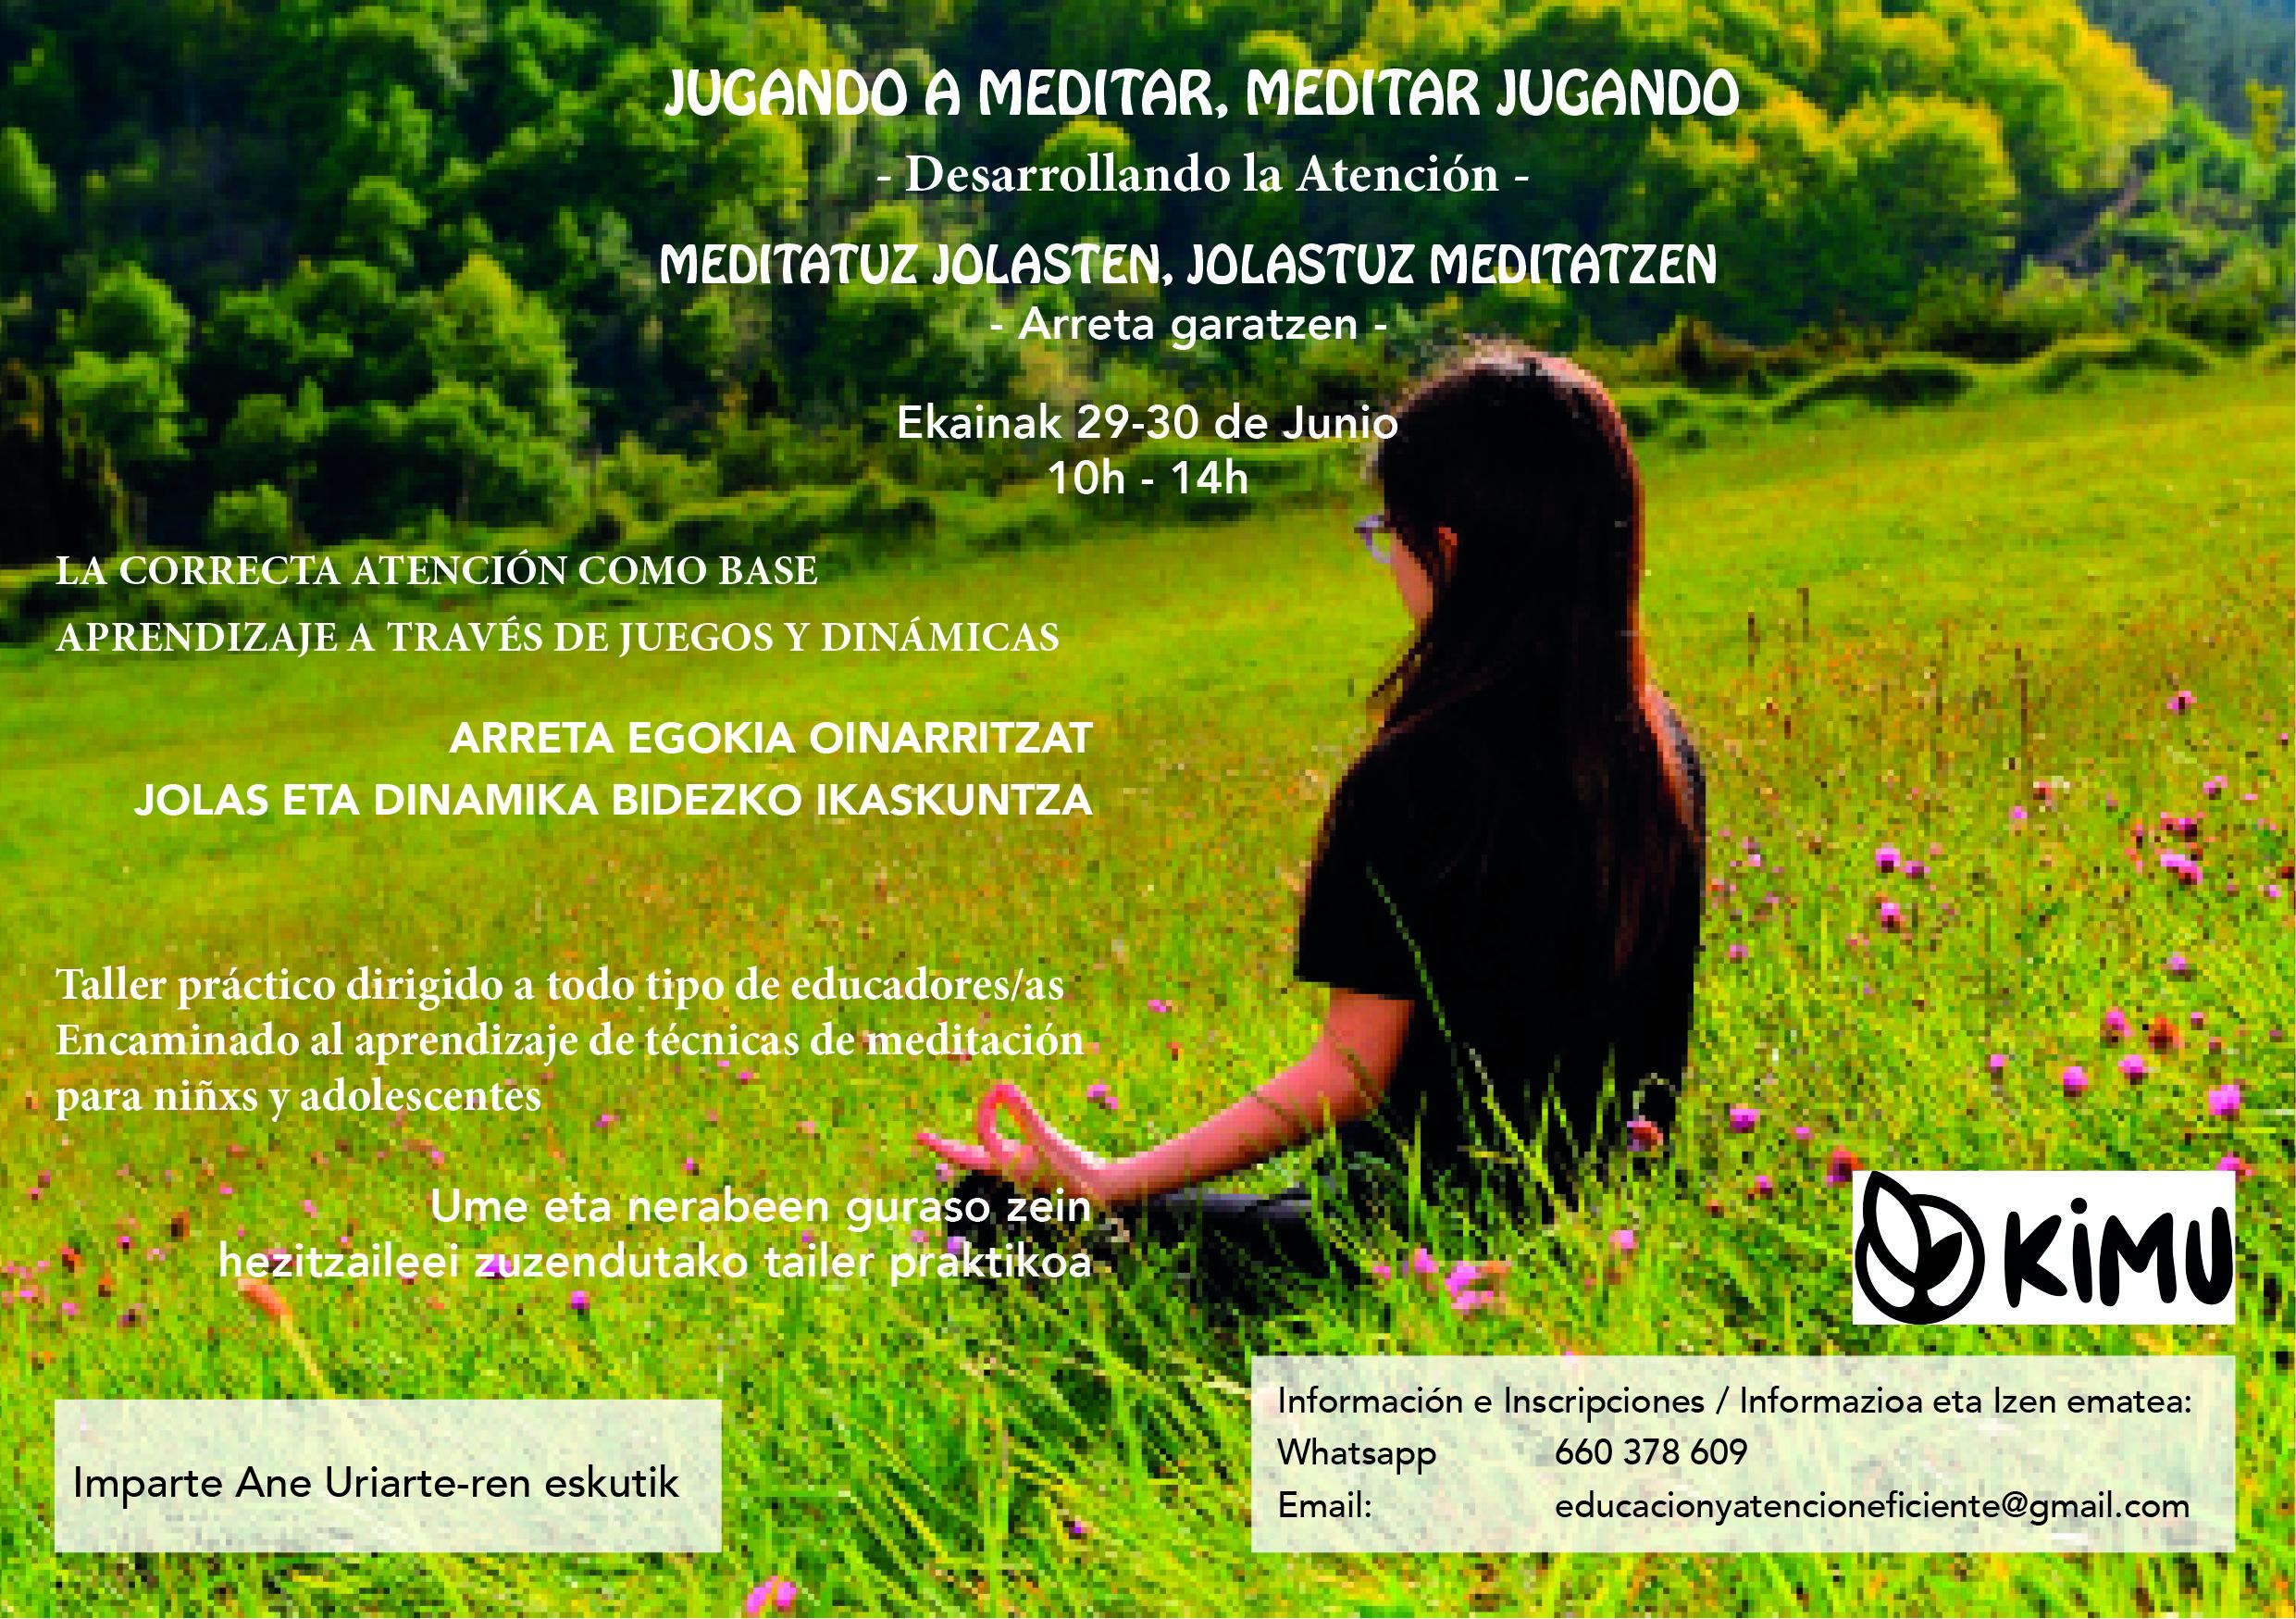 Cómo Enseñar A Meditar A L@s Niñ@s. Taller En Bilbao…29-30 De Junio